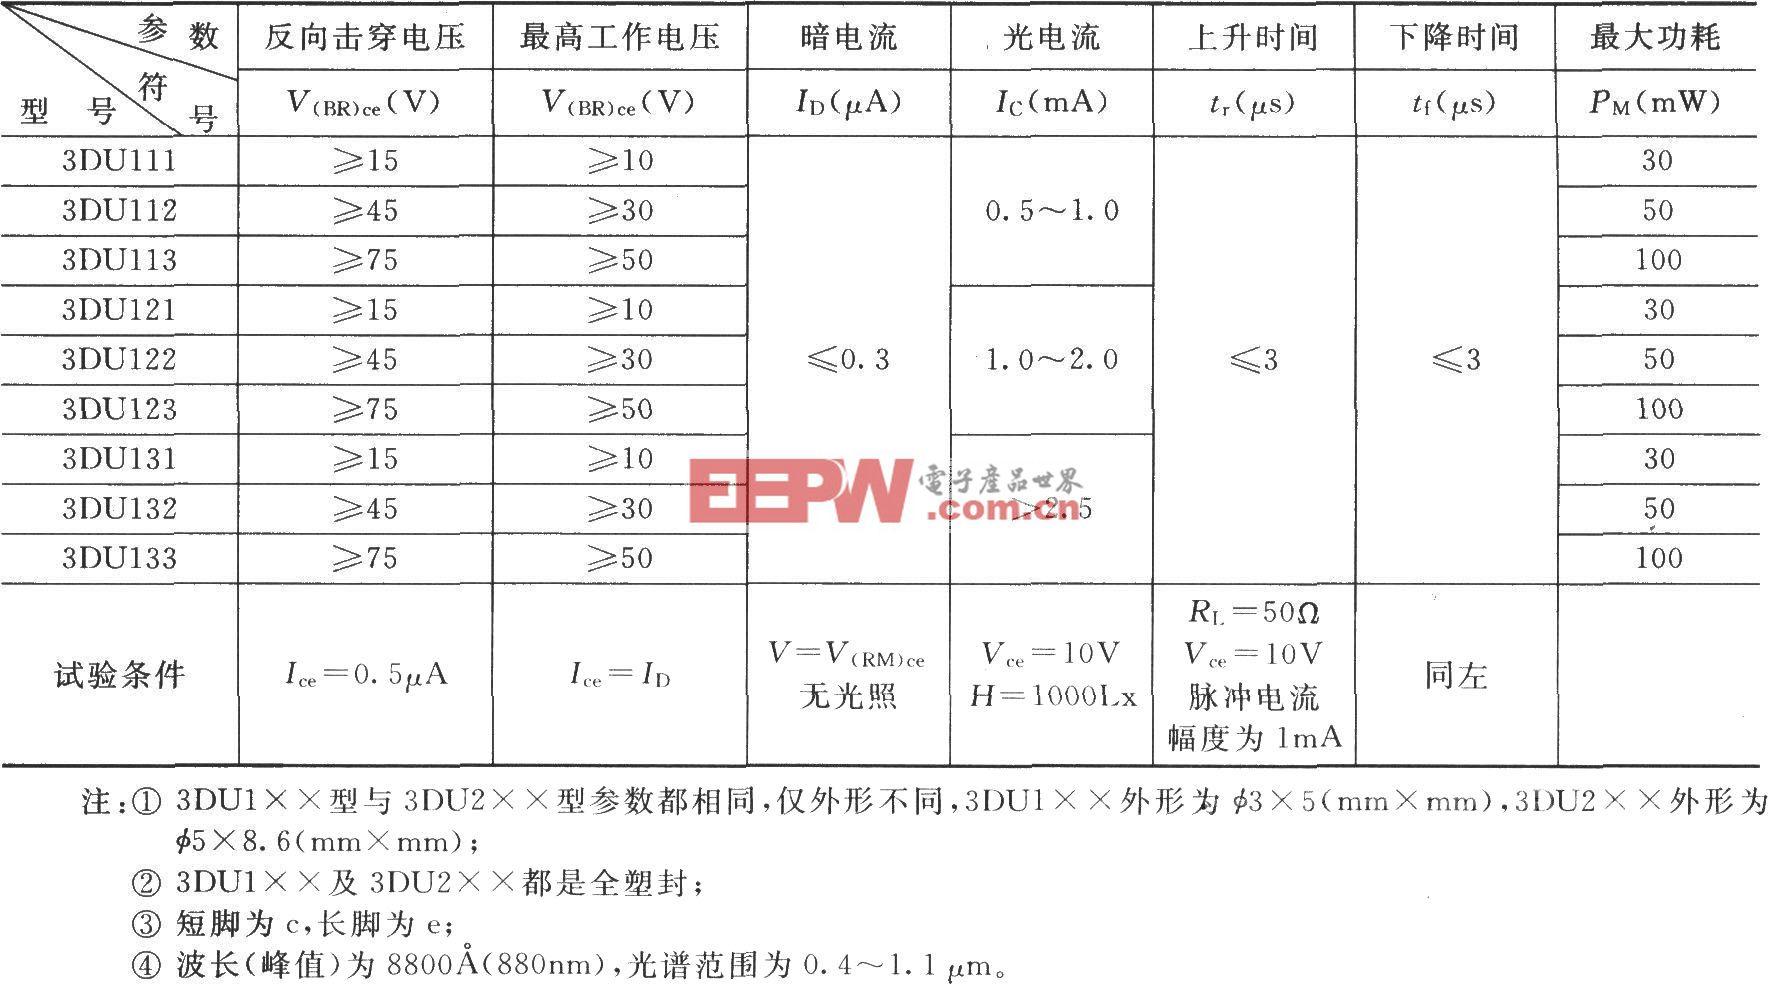 几种硅光电三极管的主要参数